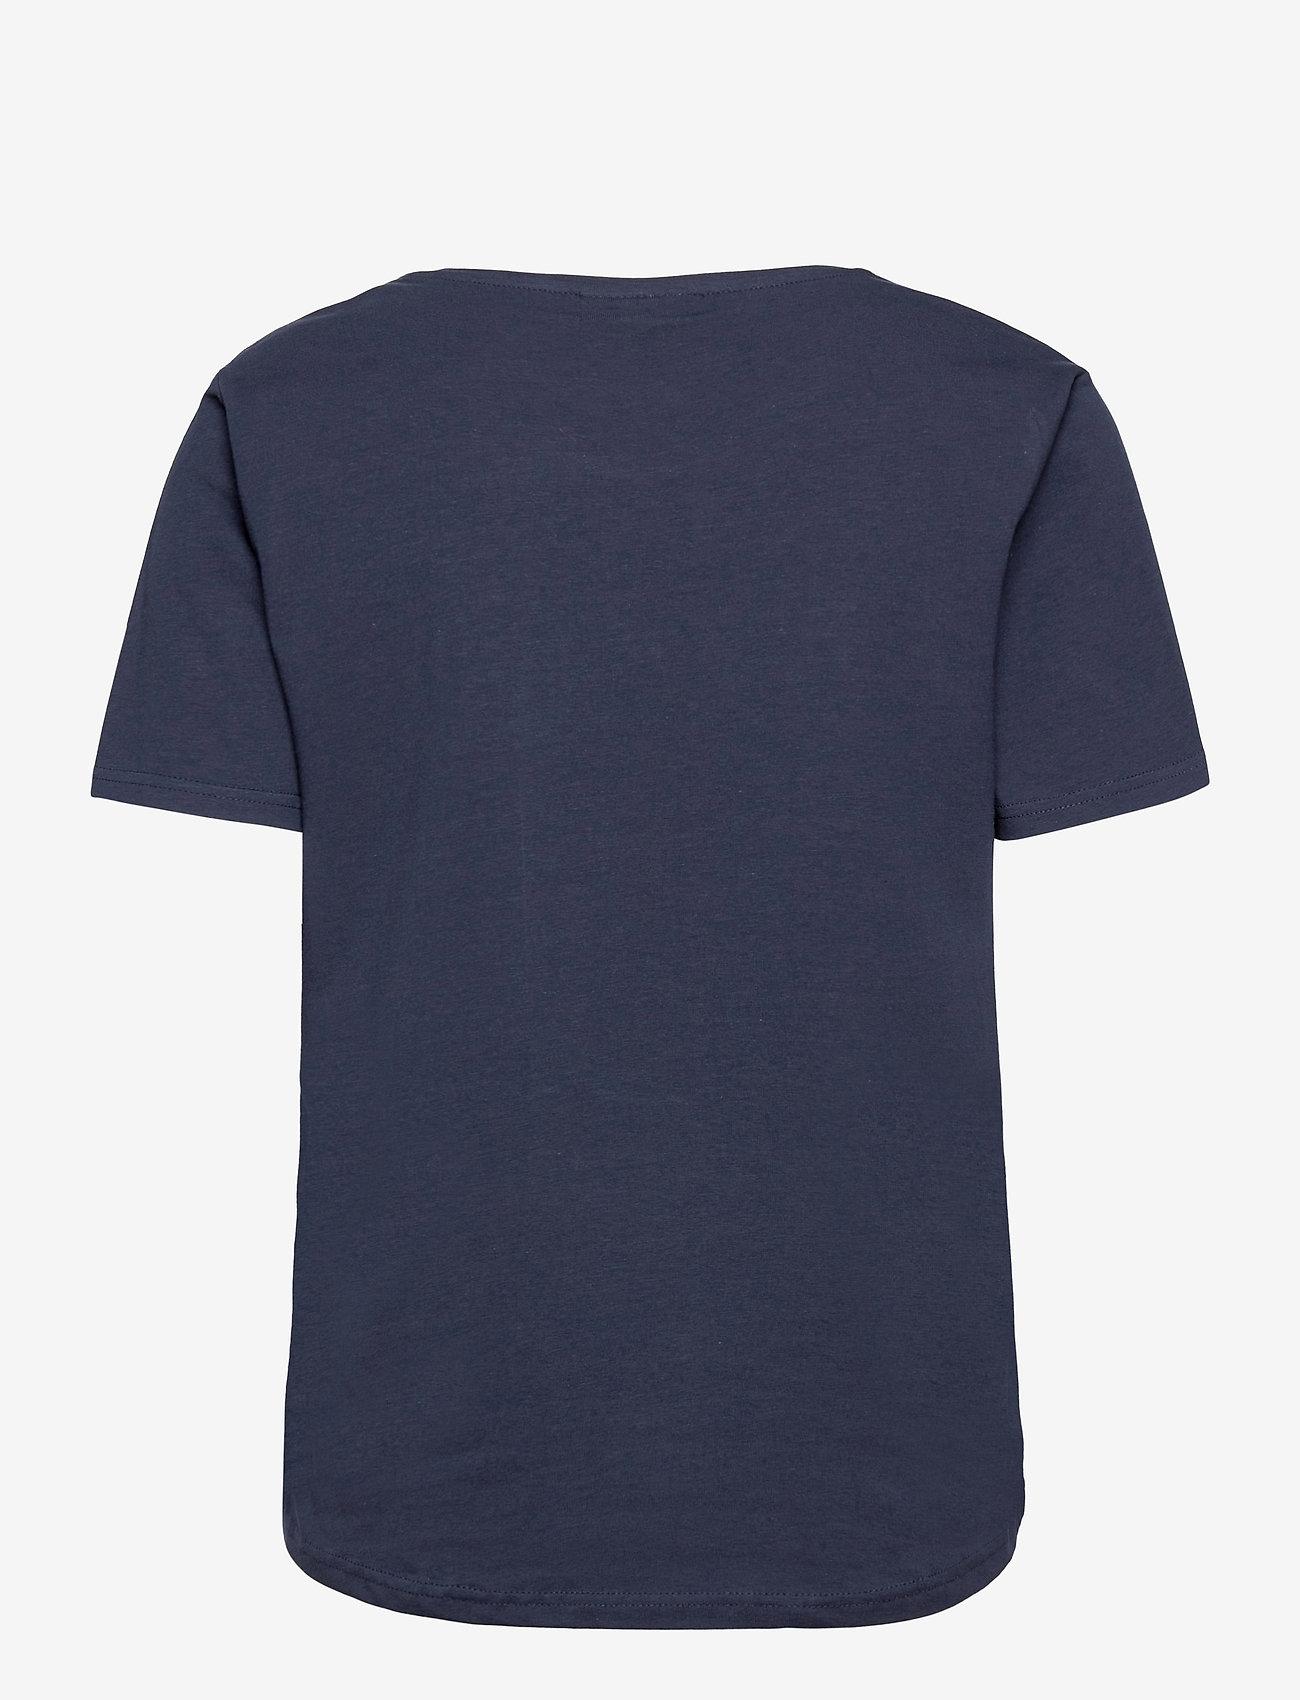 FREE/QUENT - FQHALLEY-TEE - t-shirts - navy blazer mix - 1